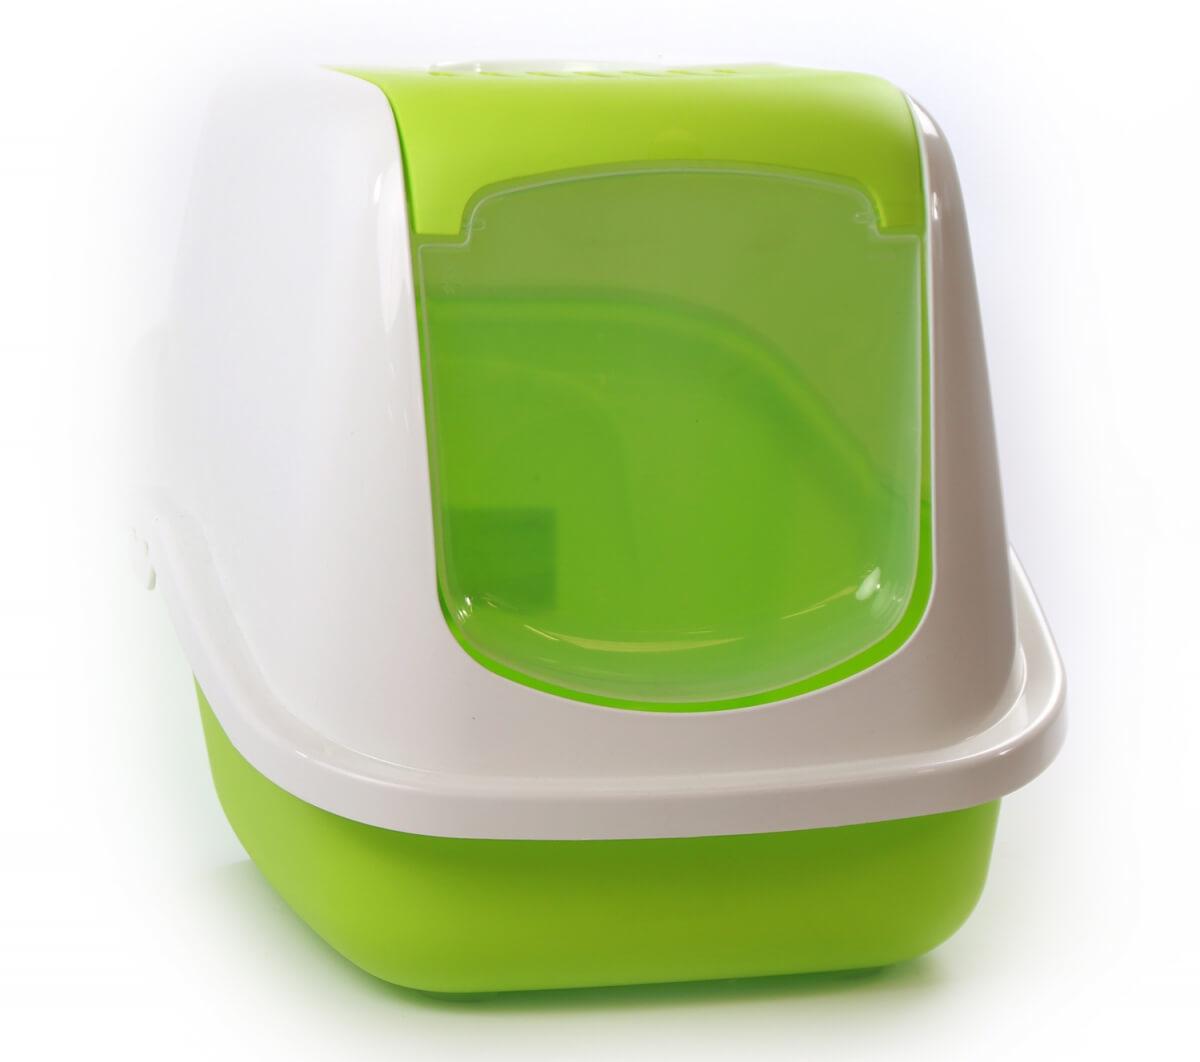 maison de toilette nestor blanc vert pomme bac et maison de toilette. Black Bedroom Furniture Sets. Home Design Ideas